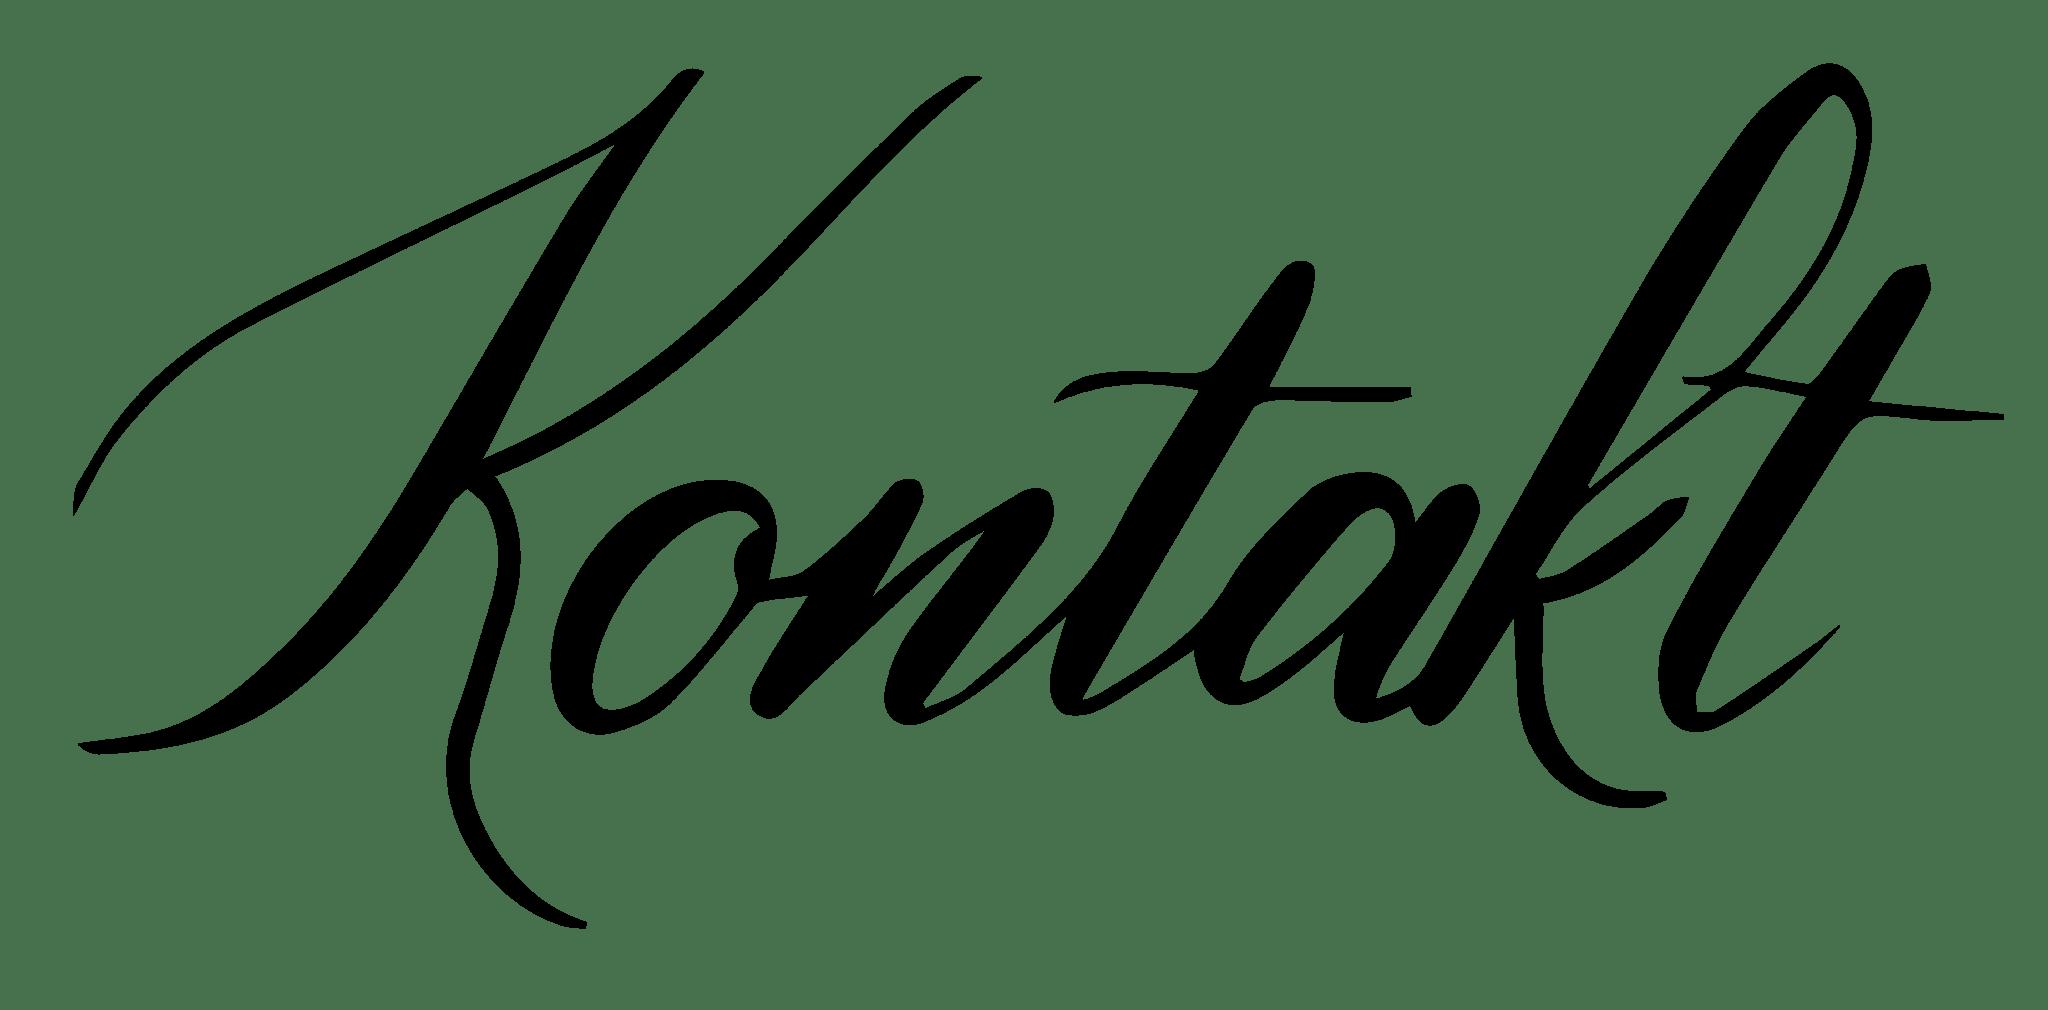 Tytuł kaligrafia Kontakt